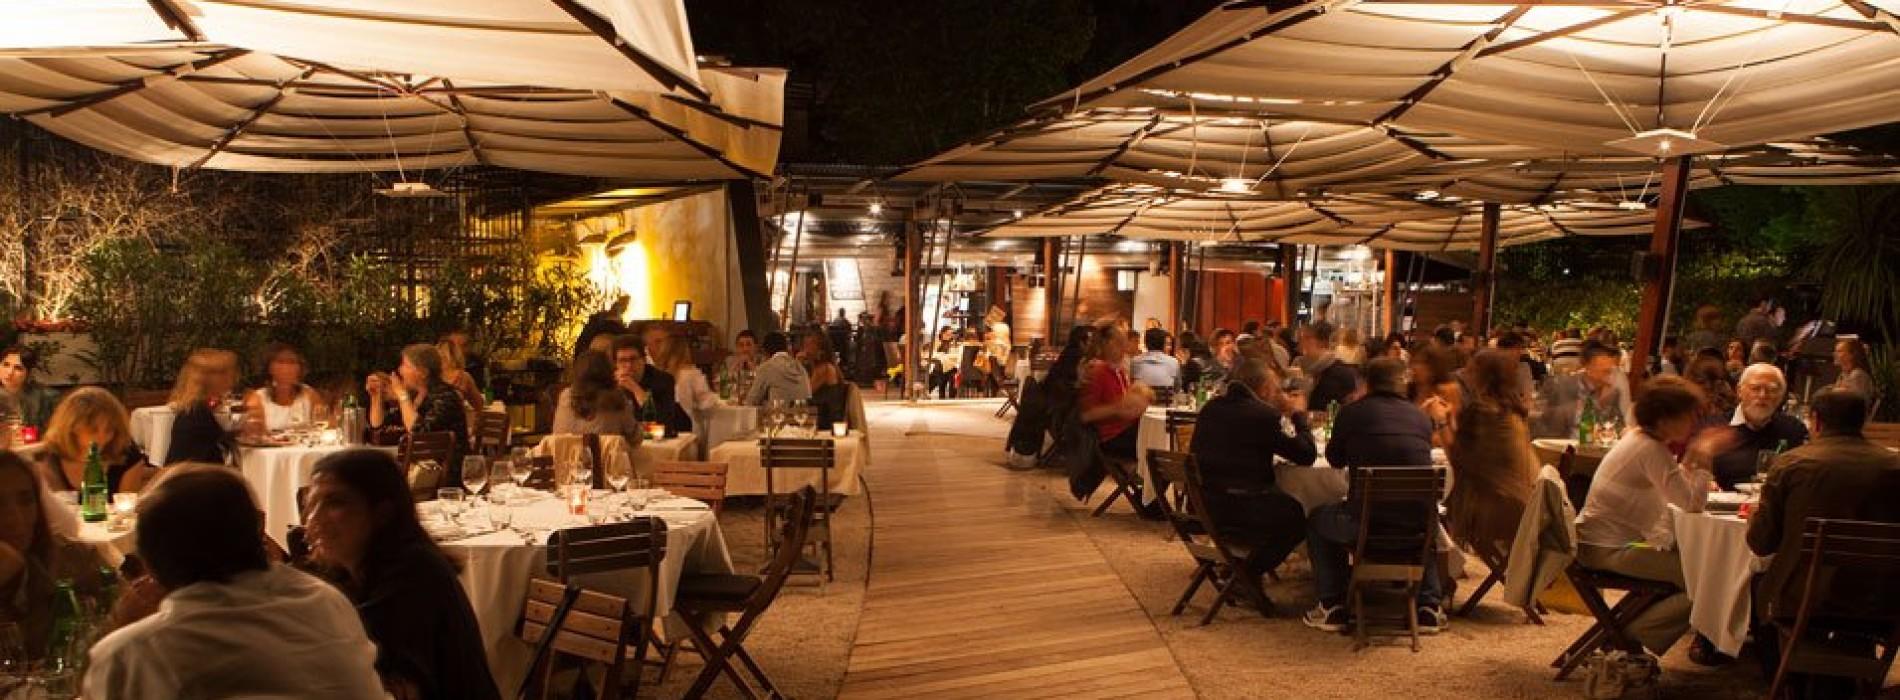 Dove mangiare all\'aperto ai Parioli Roma: cinque ristoranti